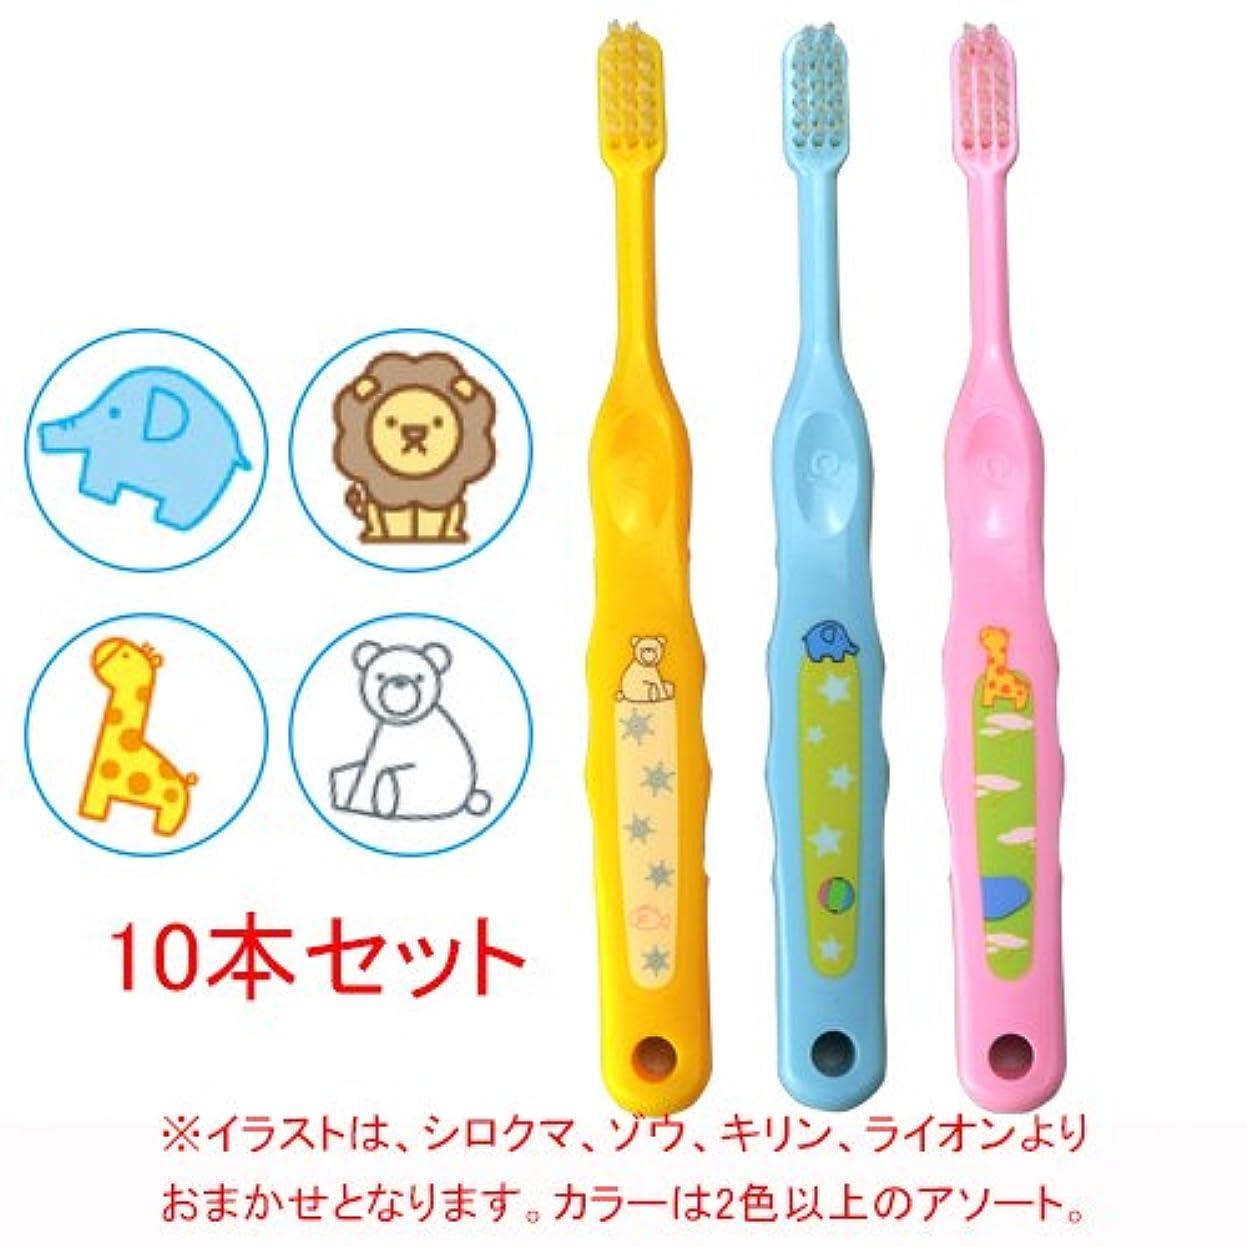 敵追い付く野生Ciメディカル Ci なまえ歯ブラシ 503 (やわらかめ) (乳児~小学生向)10本